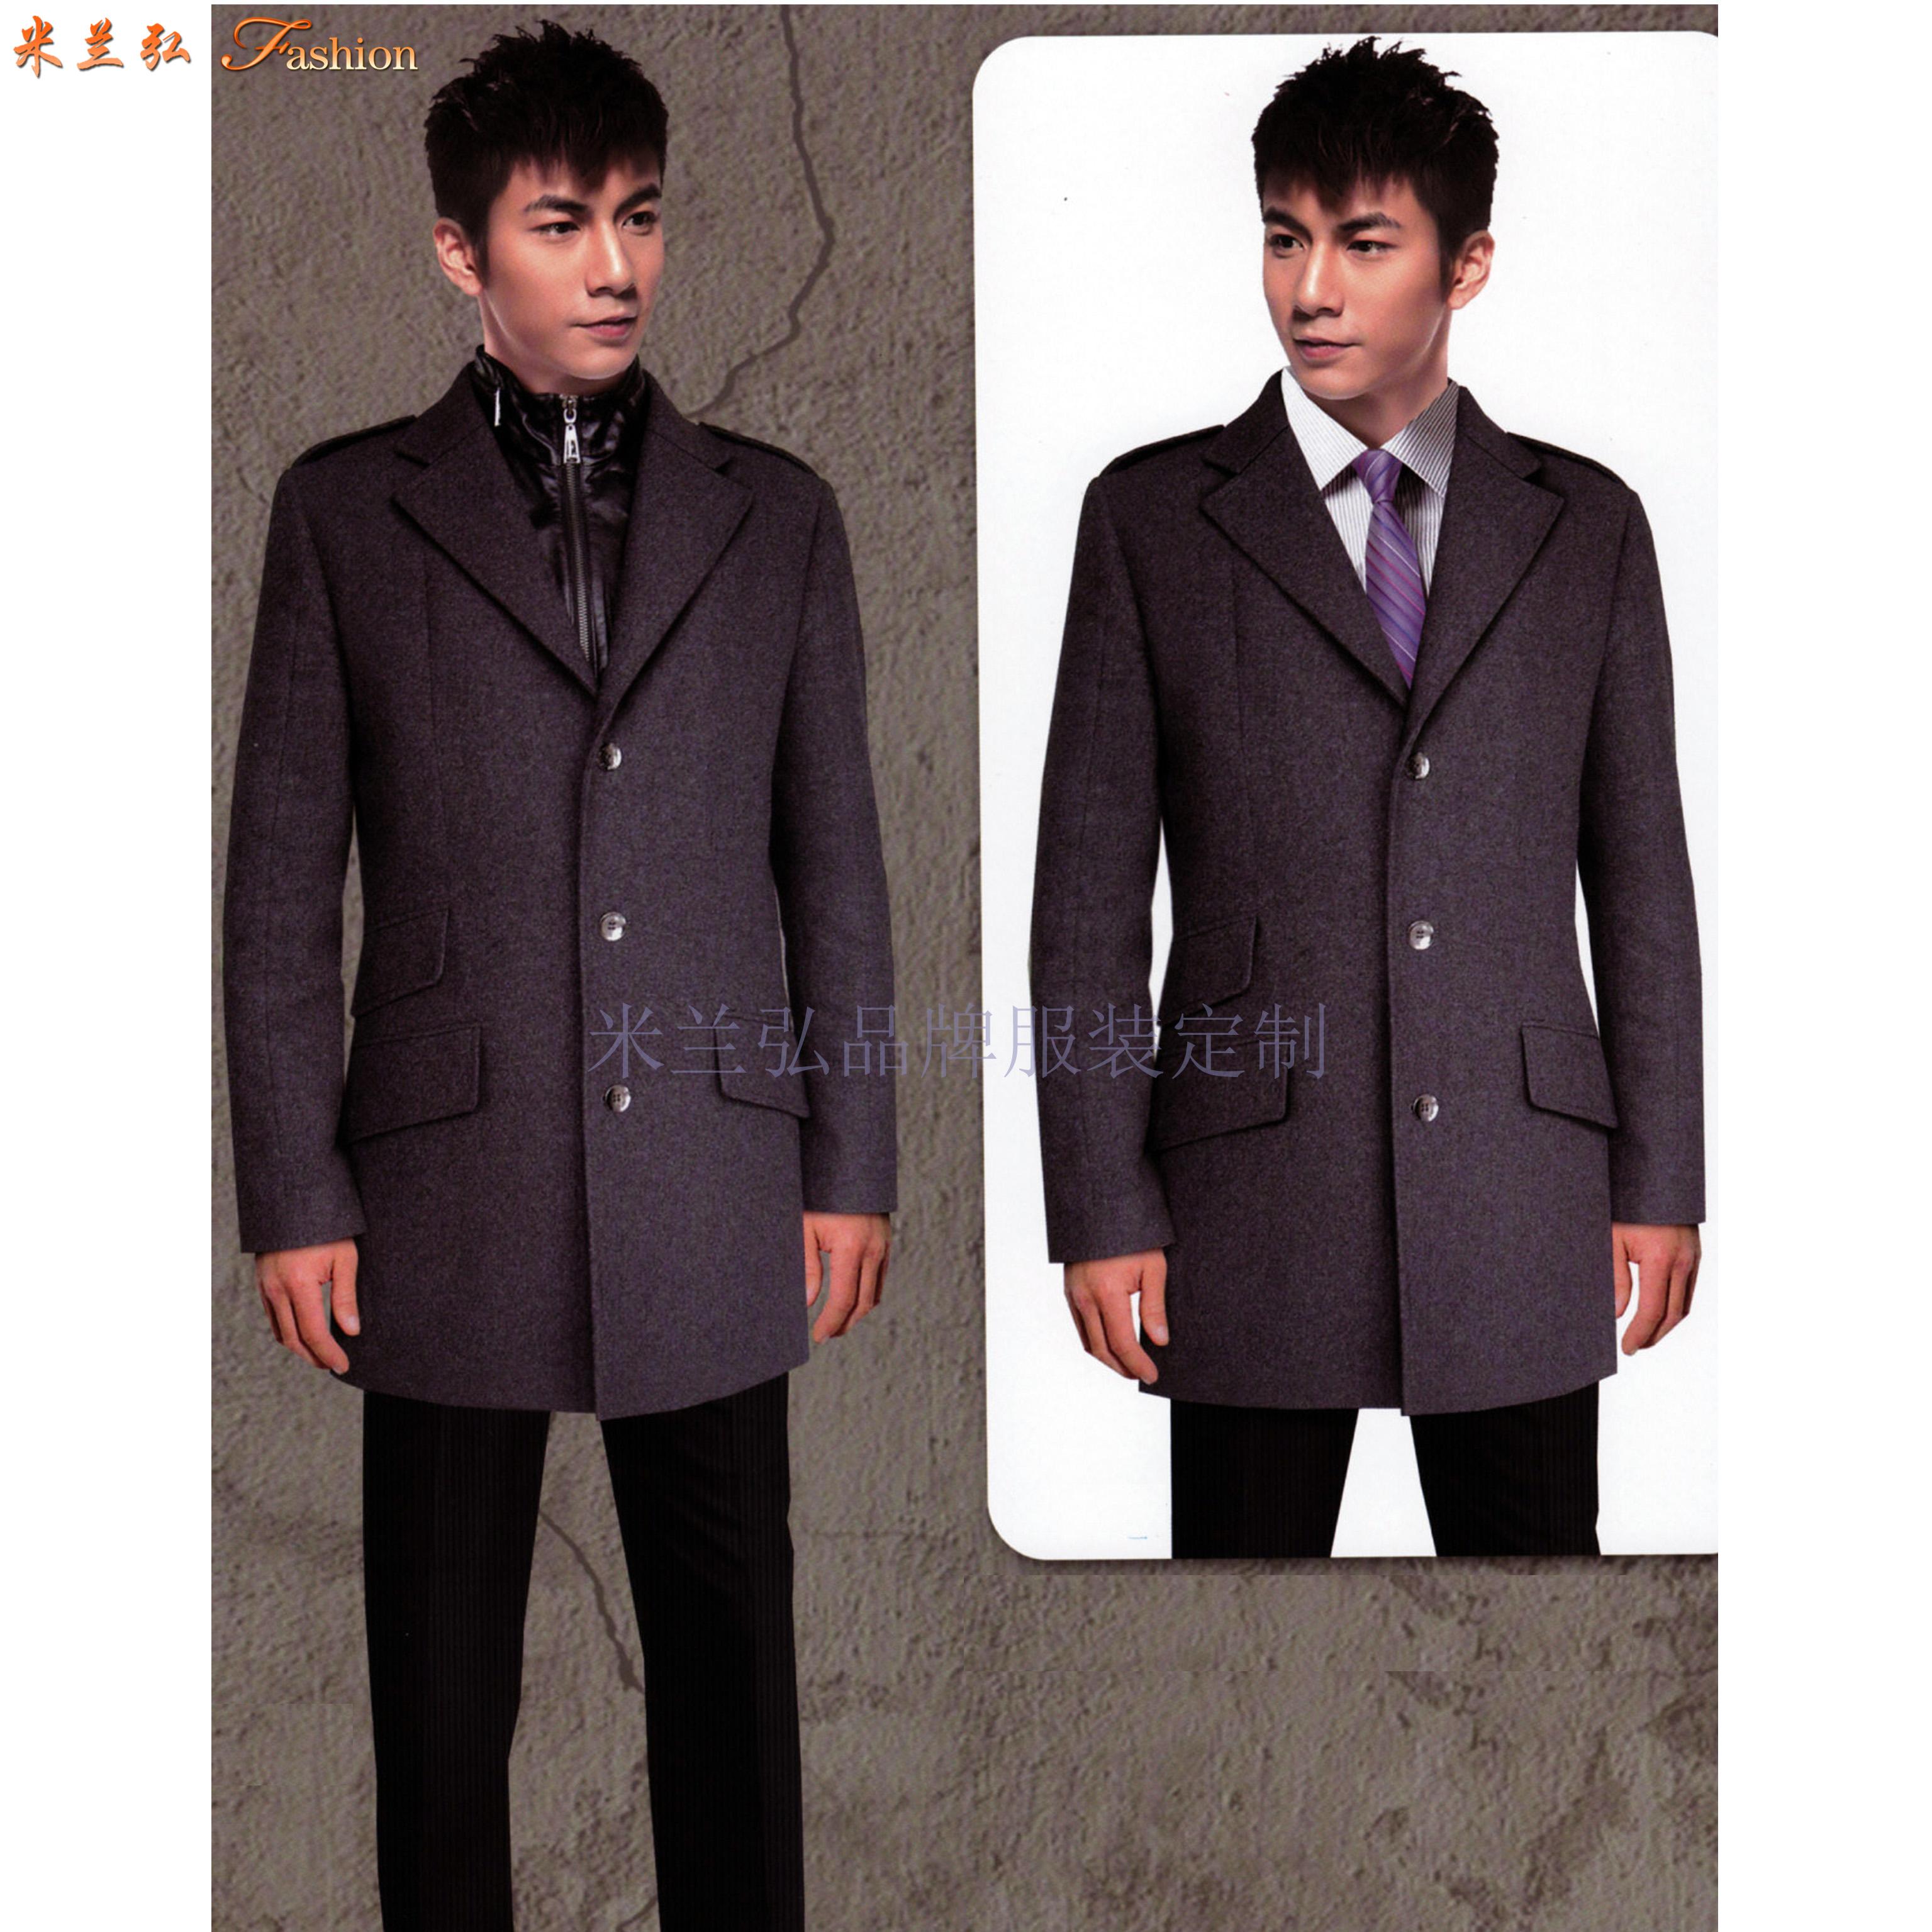 北京羊毛大衣定制-圖片_價格_流程_面料_-TOP米蘭弘大衣-5